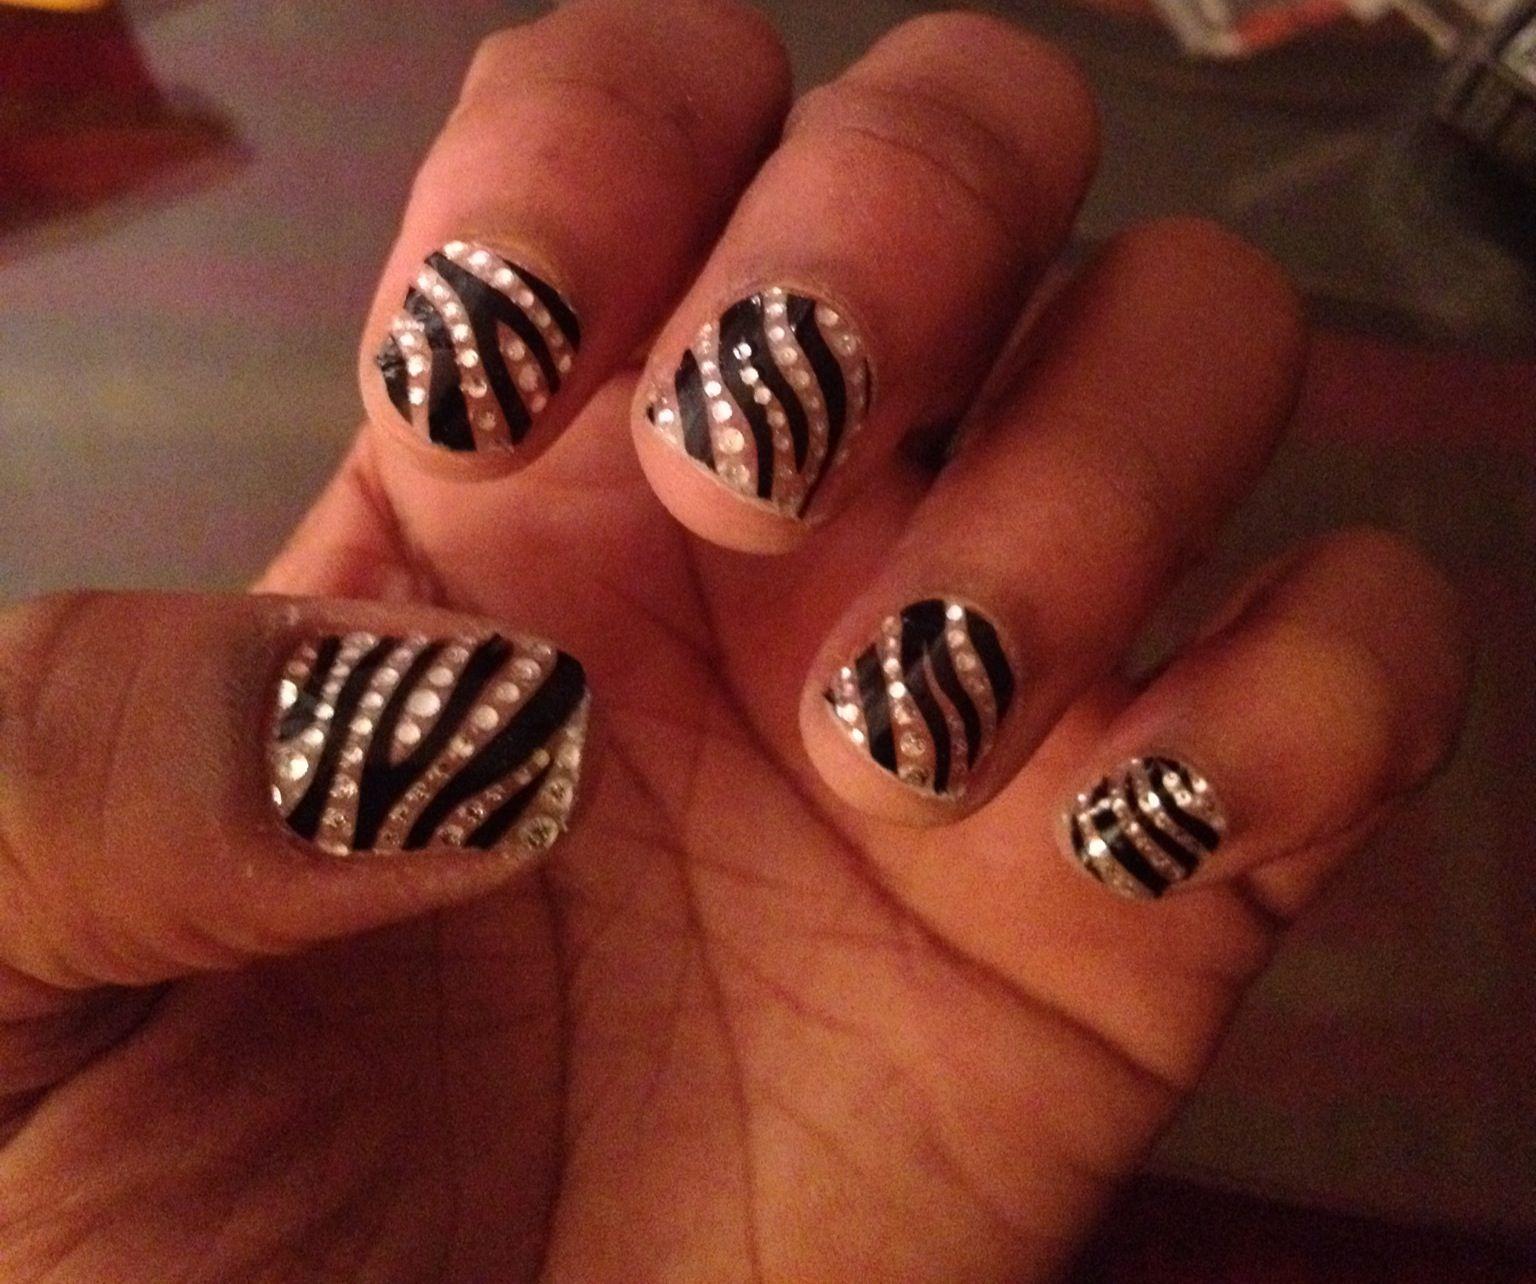 Zebra print and rhinestone nails